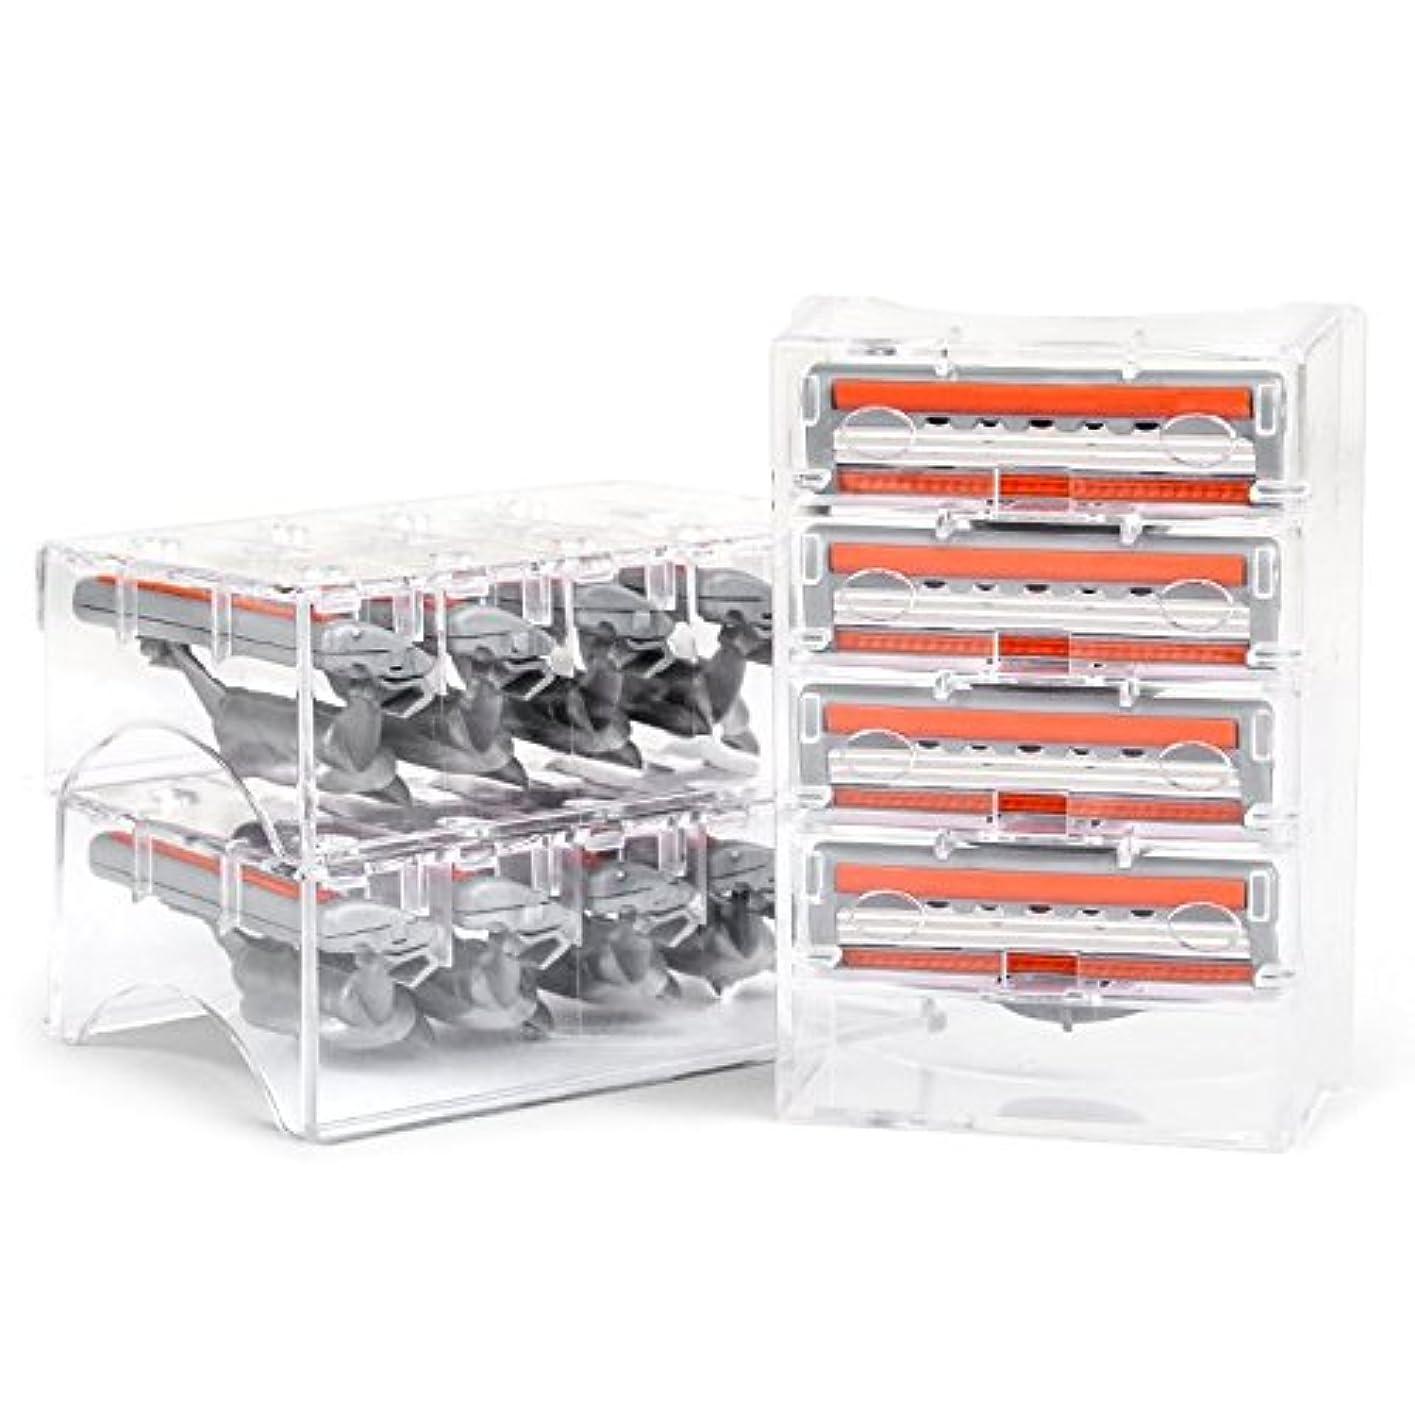 QSHAVEのX3 (3枚刃) カミソリ替刃カートリッジは米国製で、QSHAVEブルーシリーズのカミソリにお使いいただけます (16つ入り)